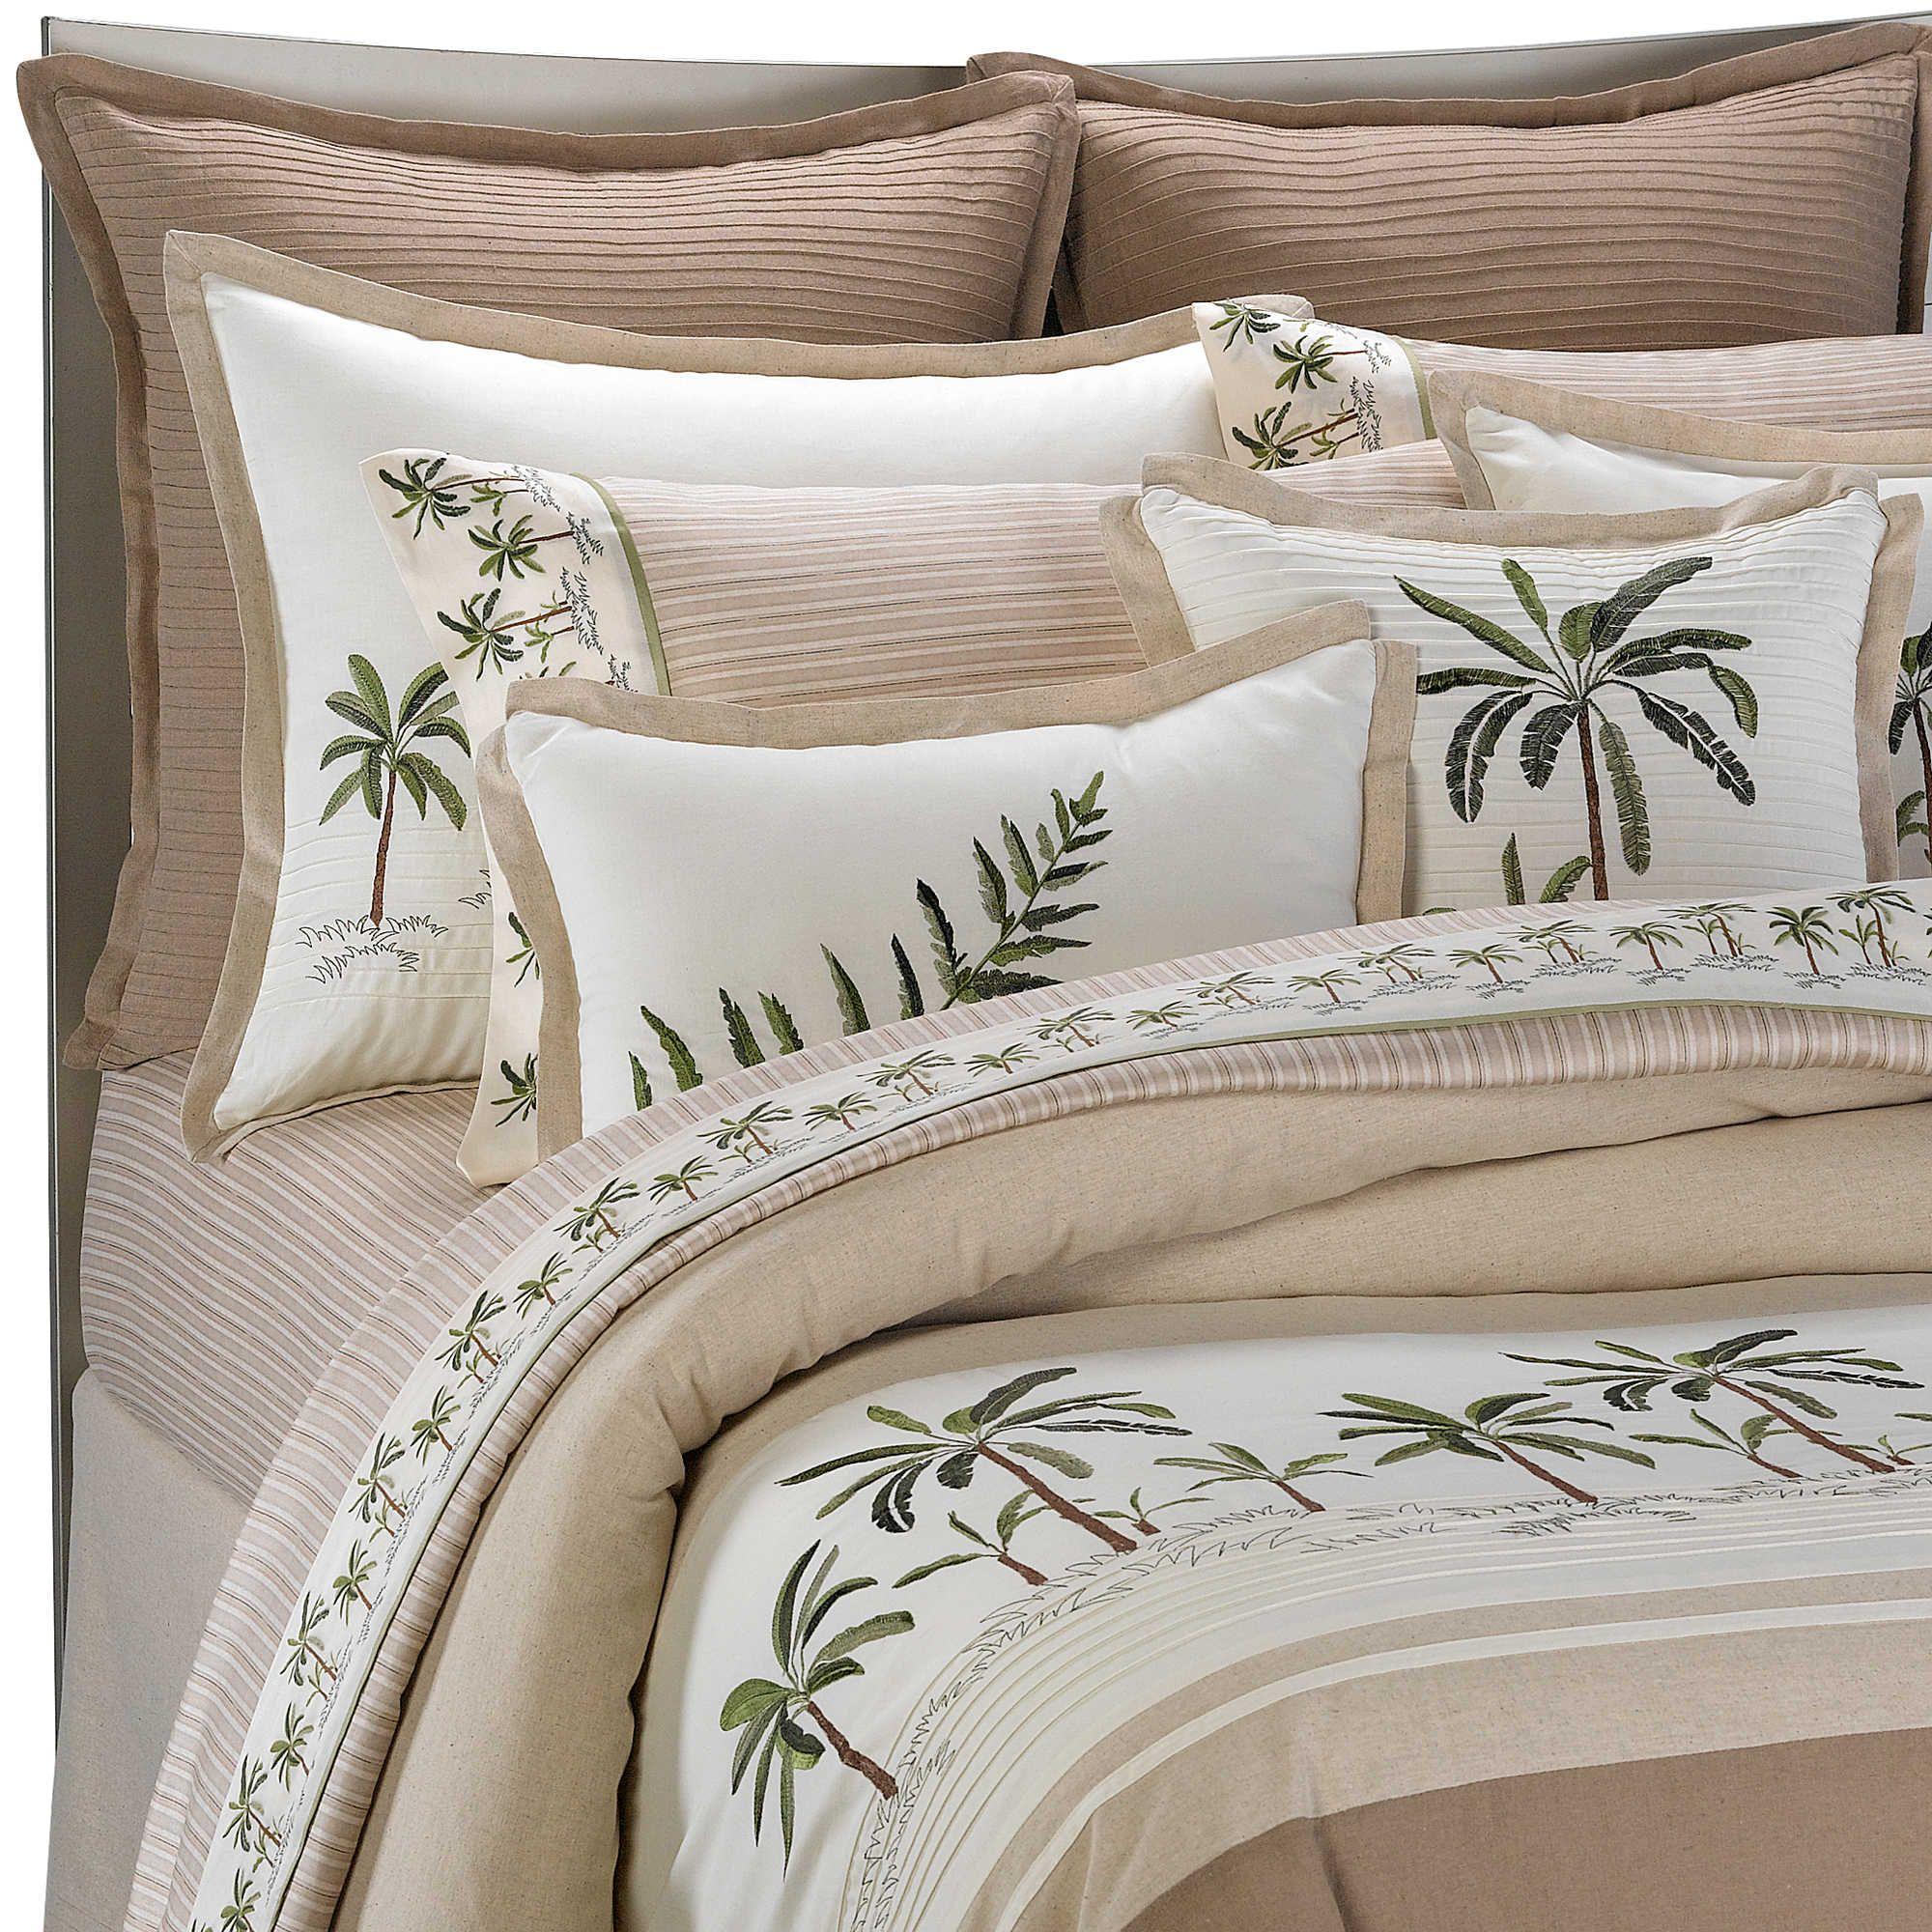 Croscill 174 Fiji Comforter Set Comforter Bedrooms And Patios